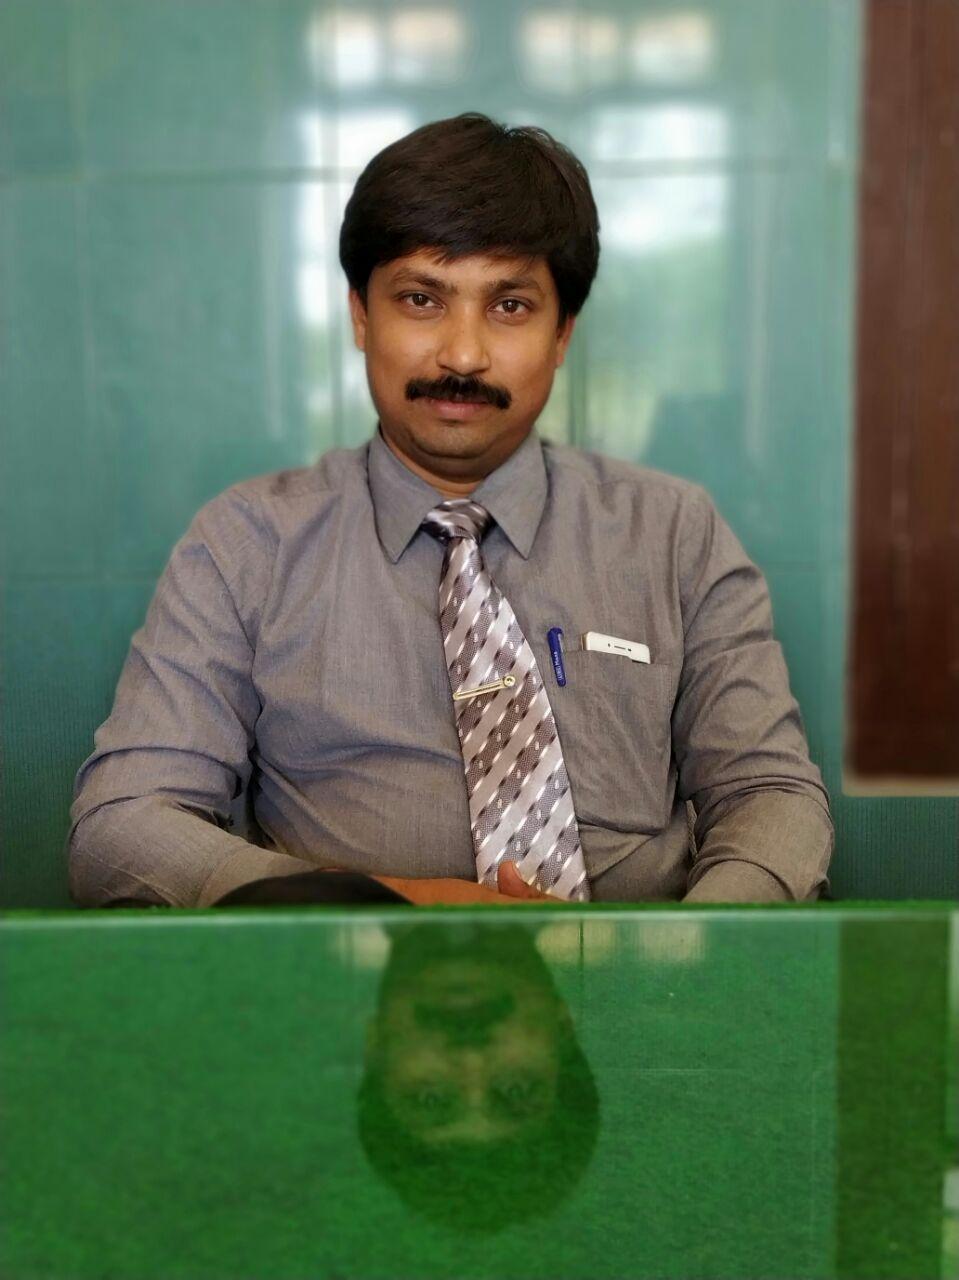 மருத்துவர் ஆர்.பிரபாகரன்